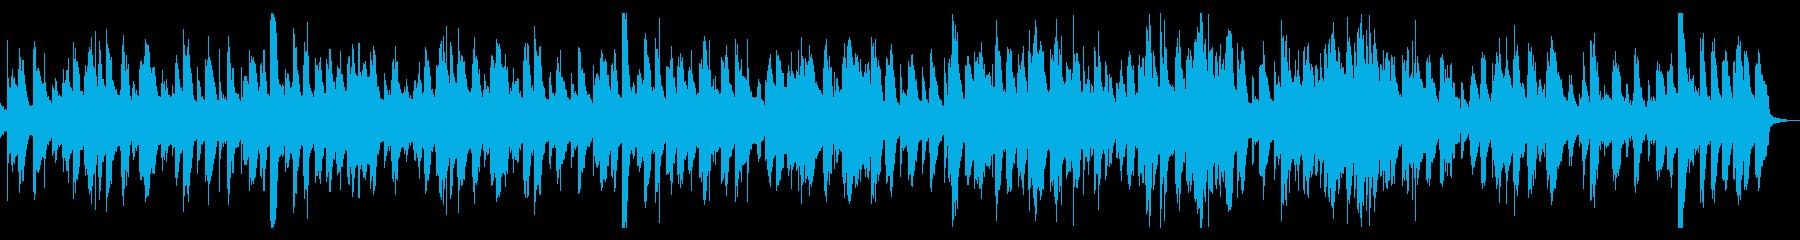 おしゃれなカフェで流れるBGMの再生済みの波形